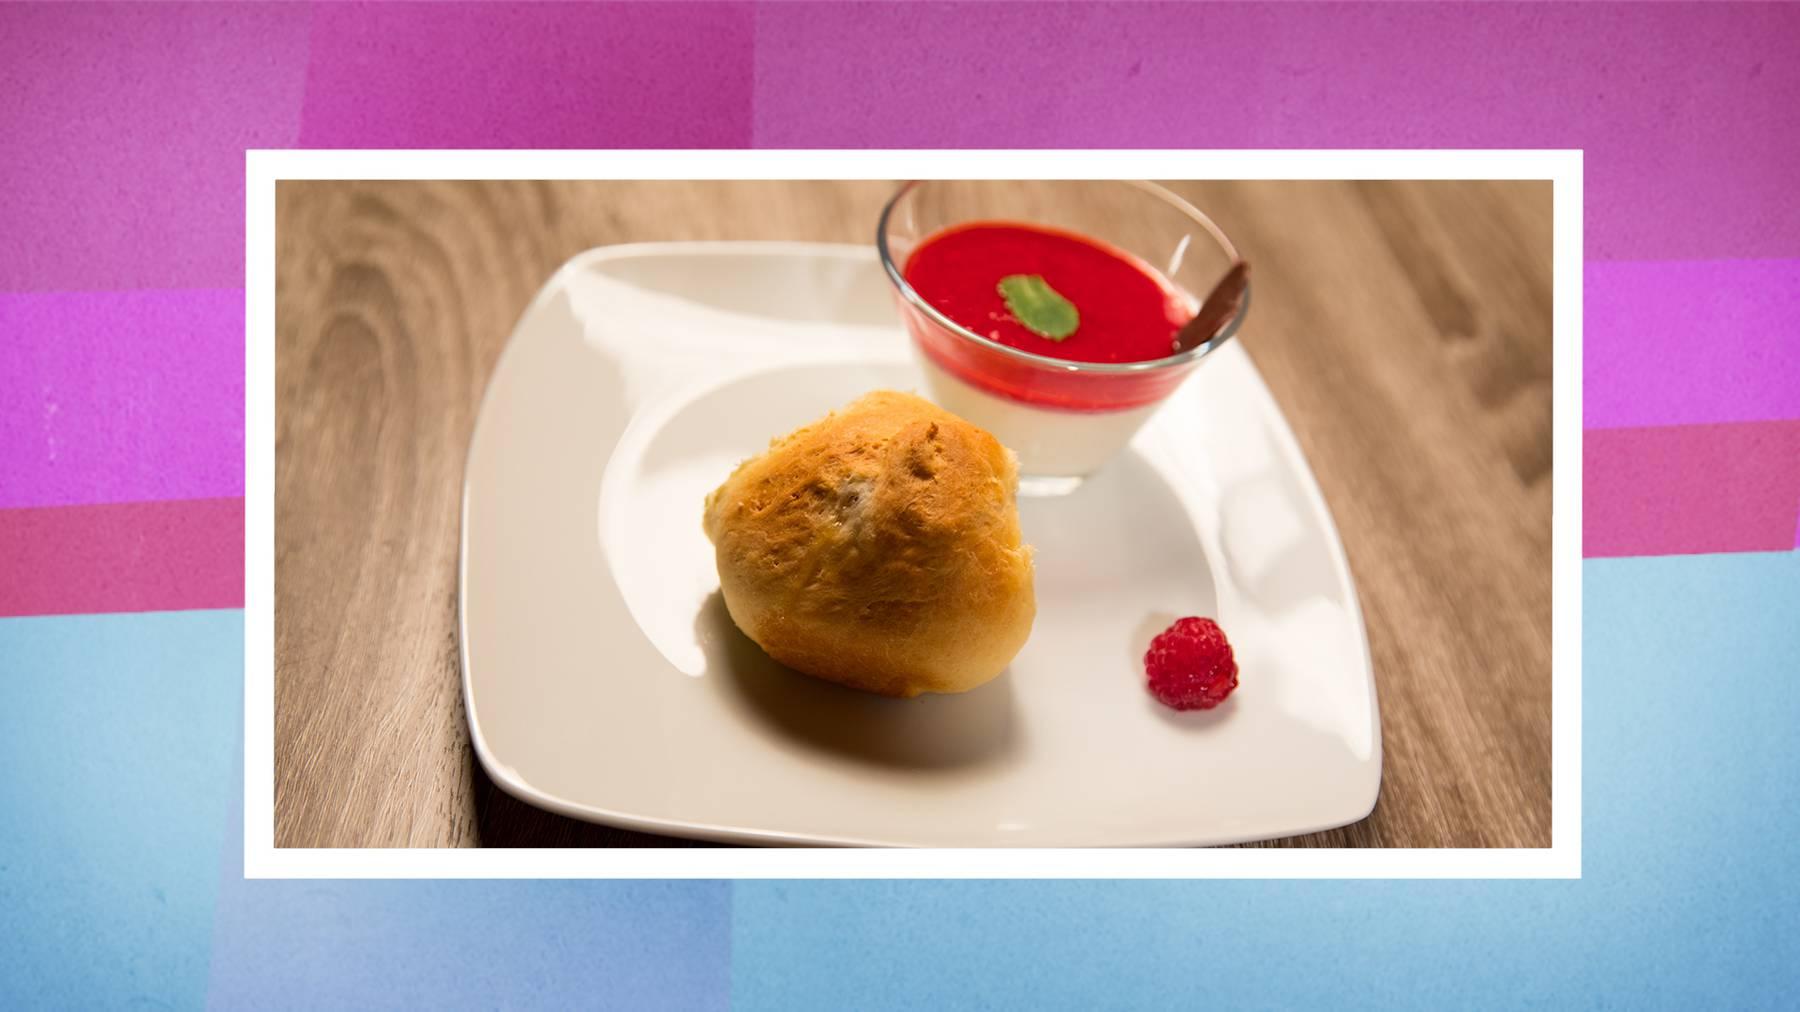 Dessert: Kokos Panna Cotta mit Himbeer-Coulis, Buchteln mit Apfelfüllung.